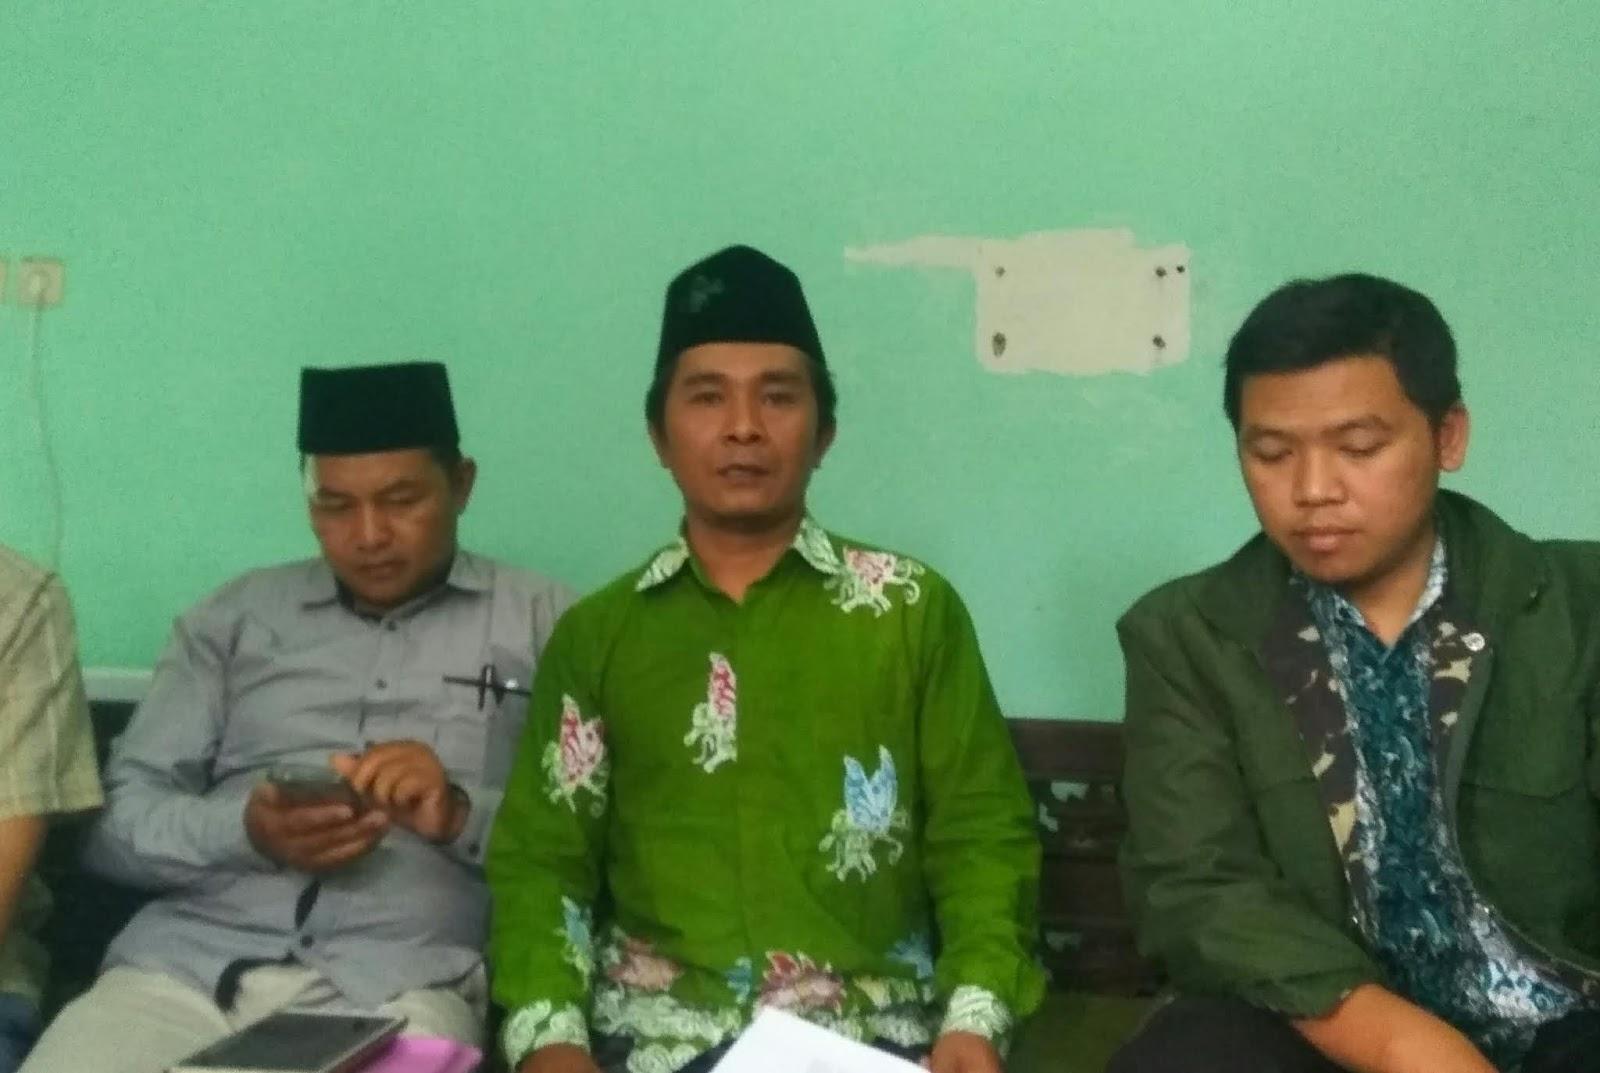 Abdul Arif Diminta Maju Bursa Bakal Calon Bupati 2020 Oleh Dewan Pimpinan Anak Cabang